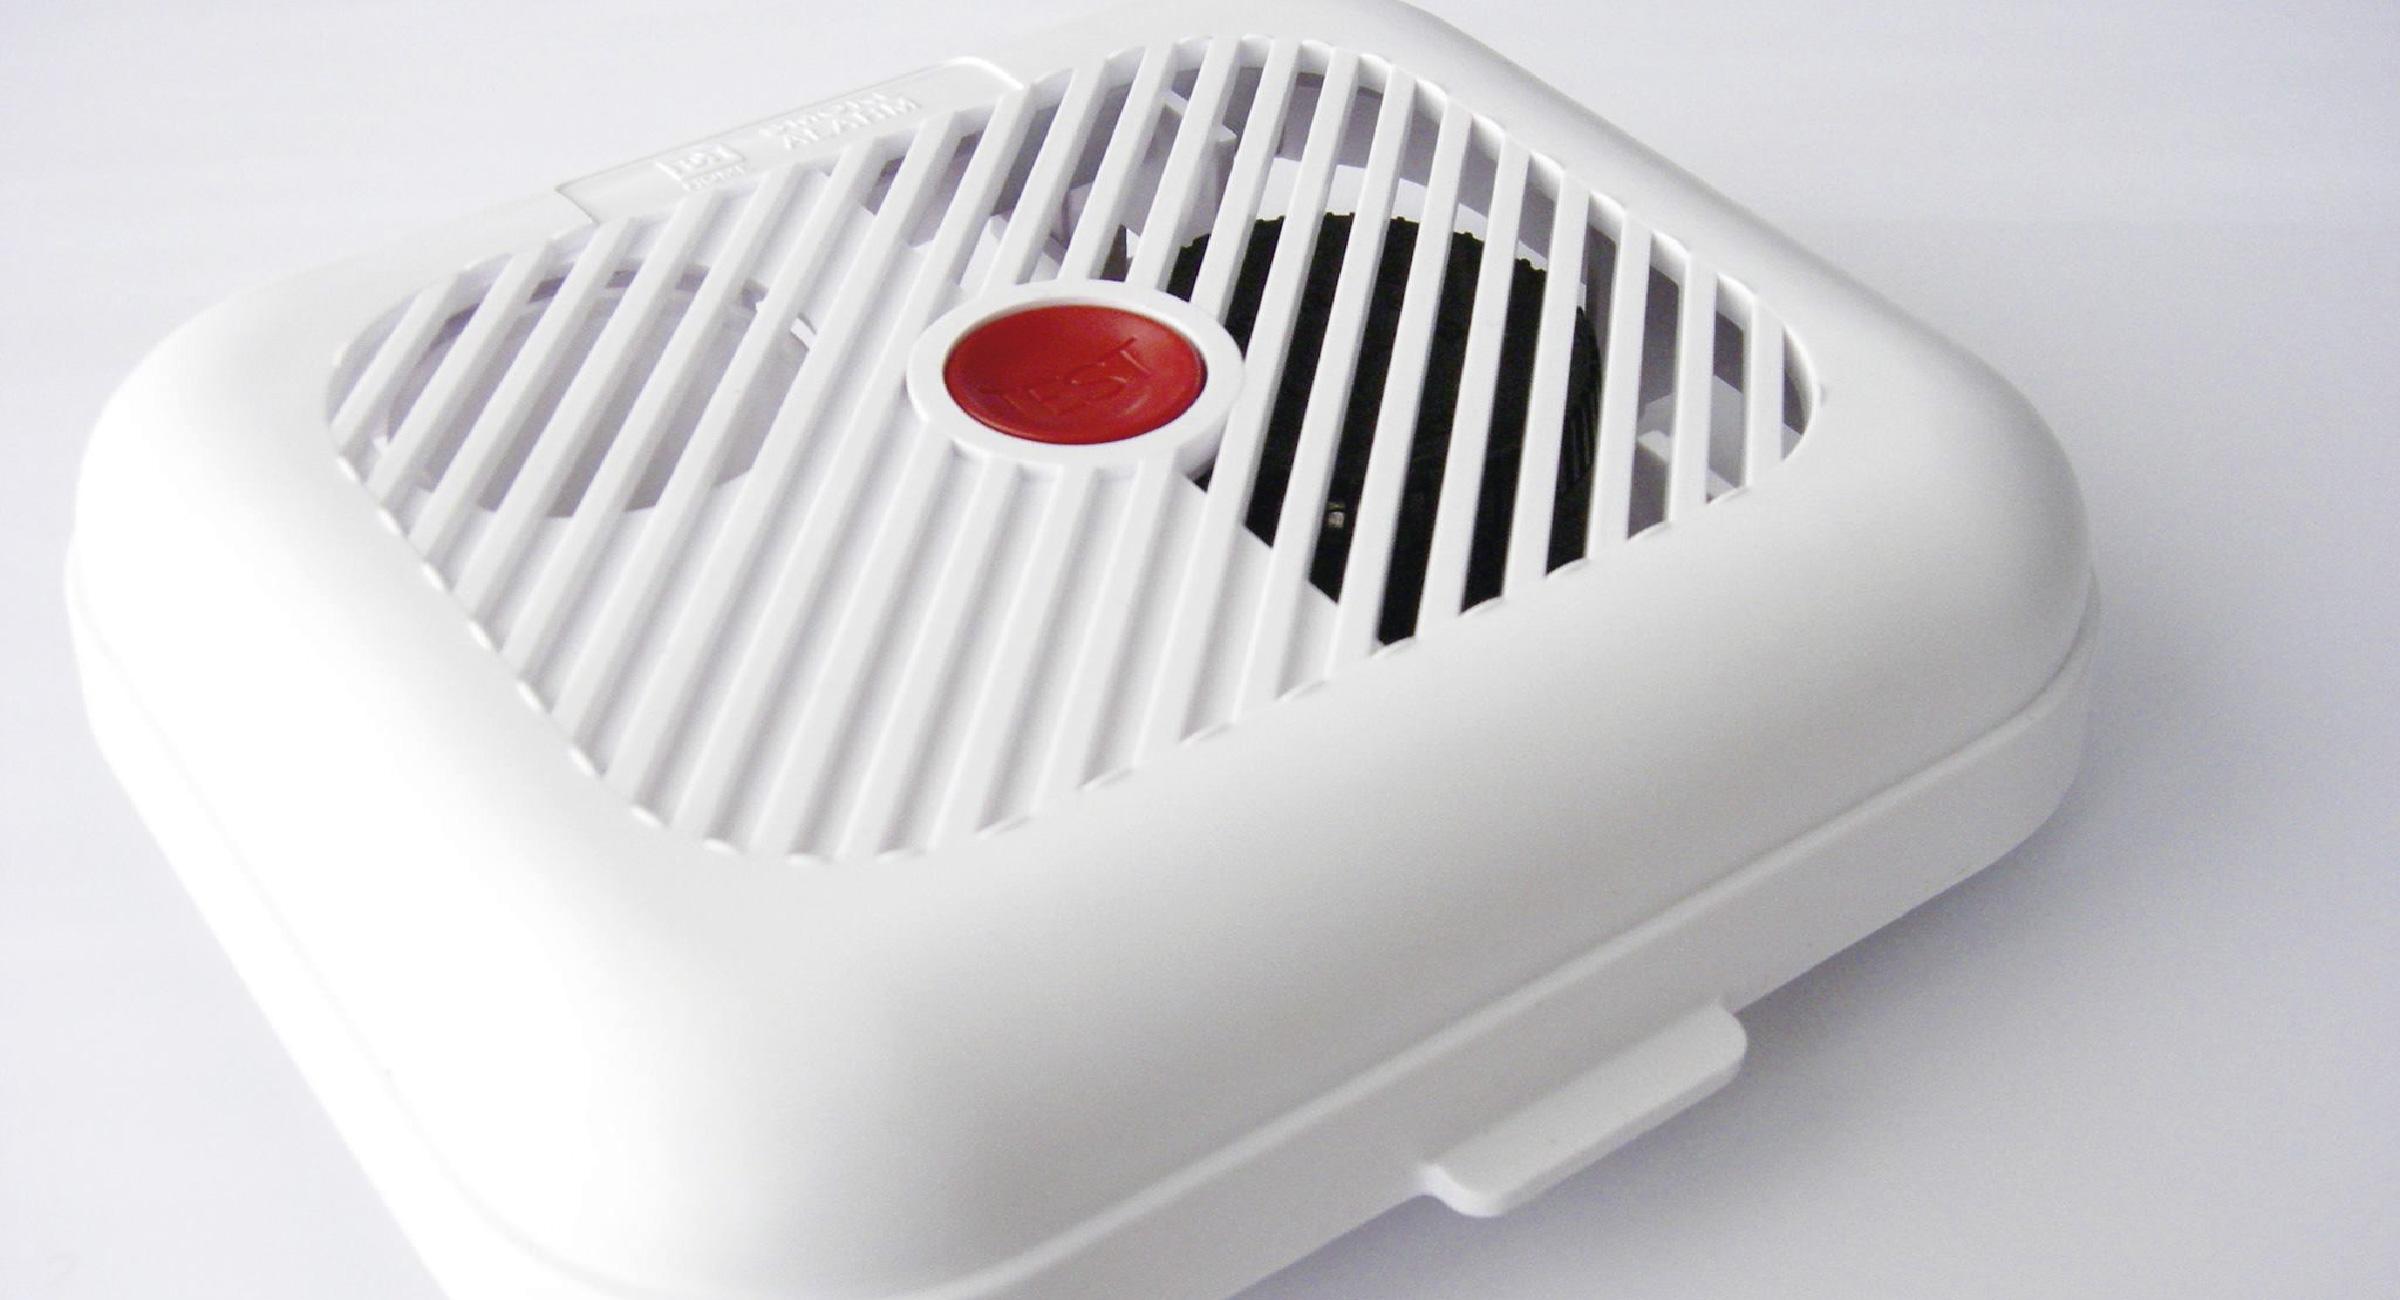 Alarmas de seguridad equipo para combatir incendios Alarma de humo